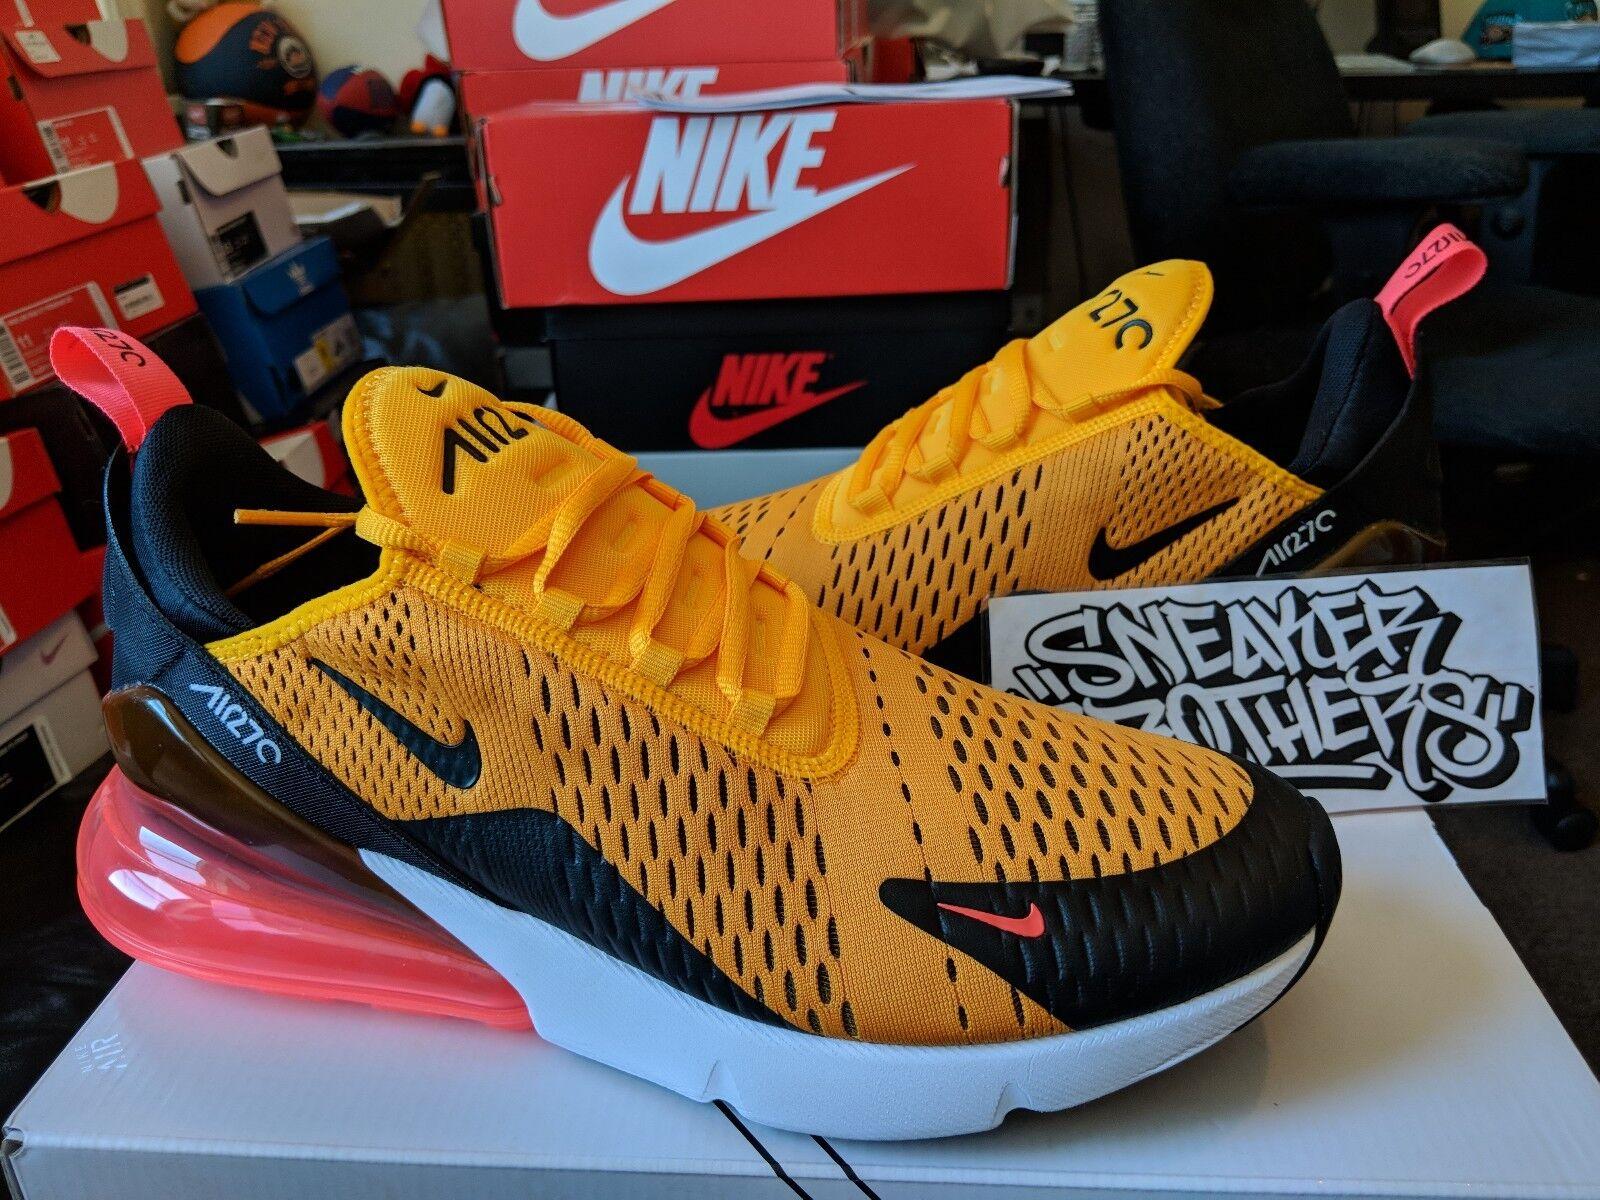 Nike air max 270 tigre nera in oro giallo caldo pugno bianco ah8050-004 university